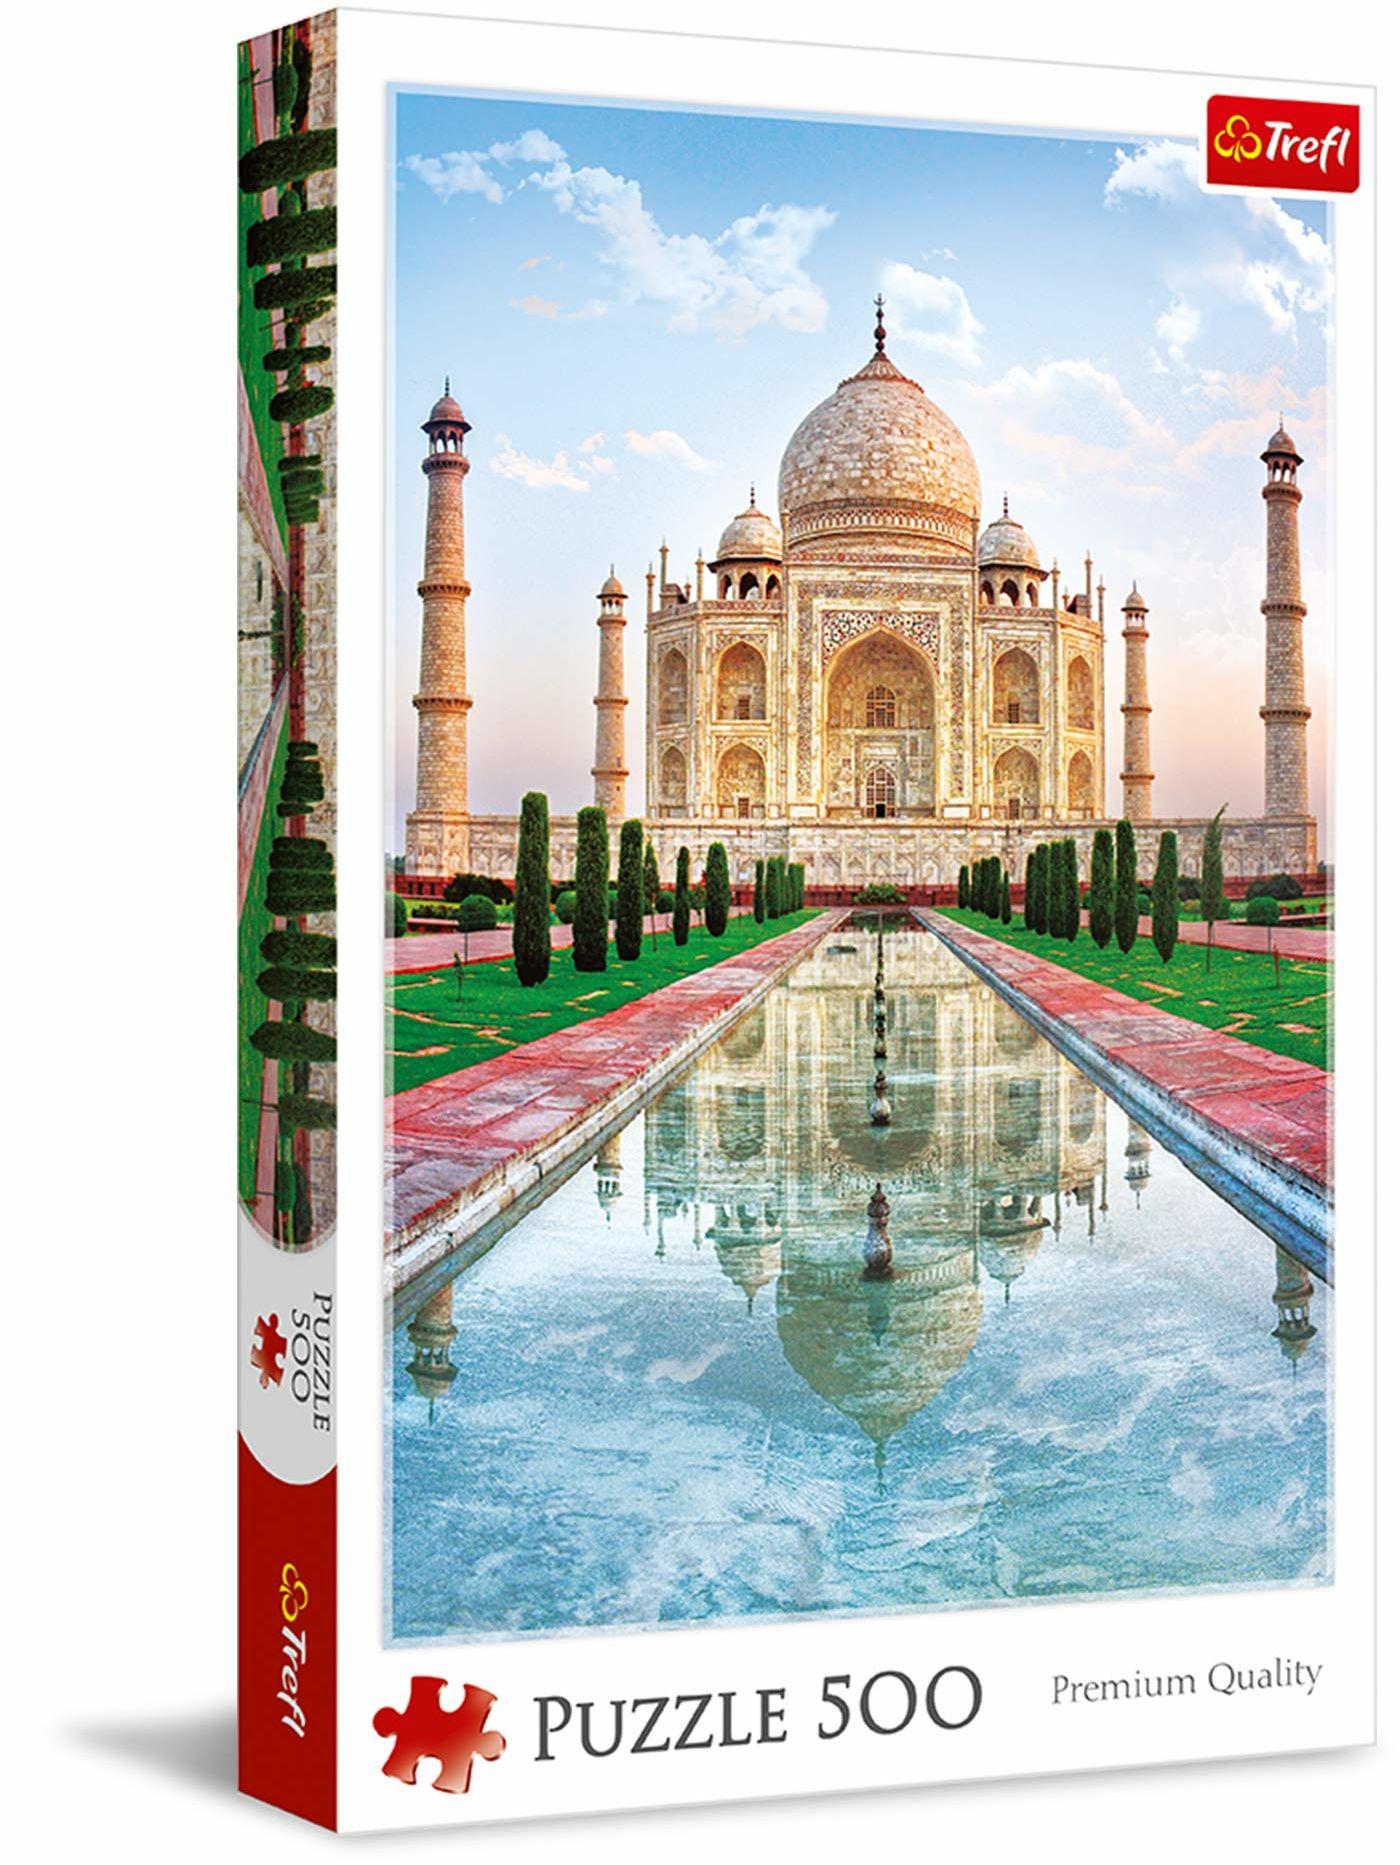 Trefl Taj Mahal Puzzle 500 Elementów o Wysokiej Jakości Nadruku dla Dorosłych i Dzieci od 10 lat